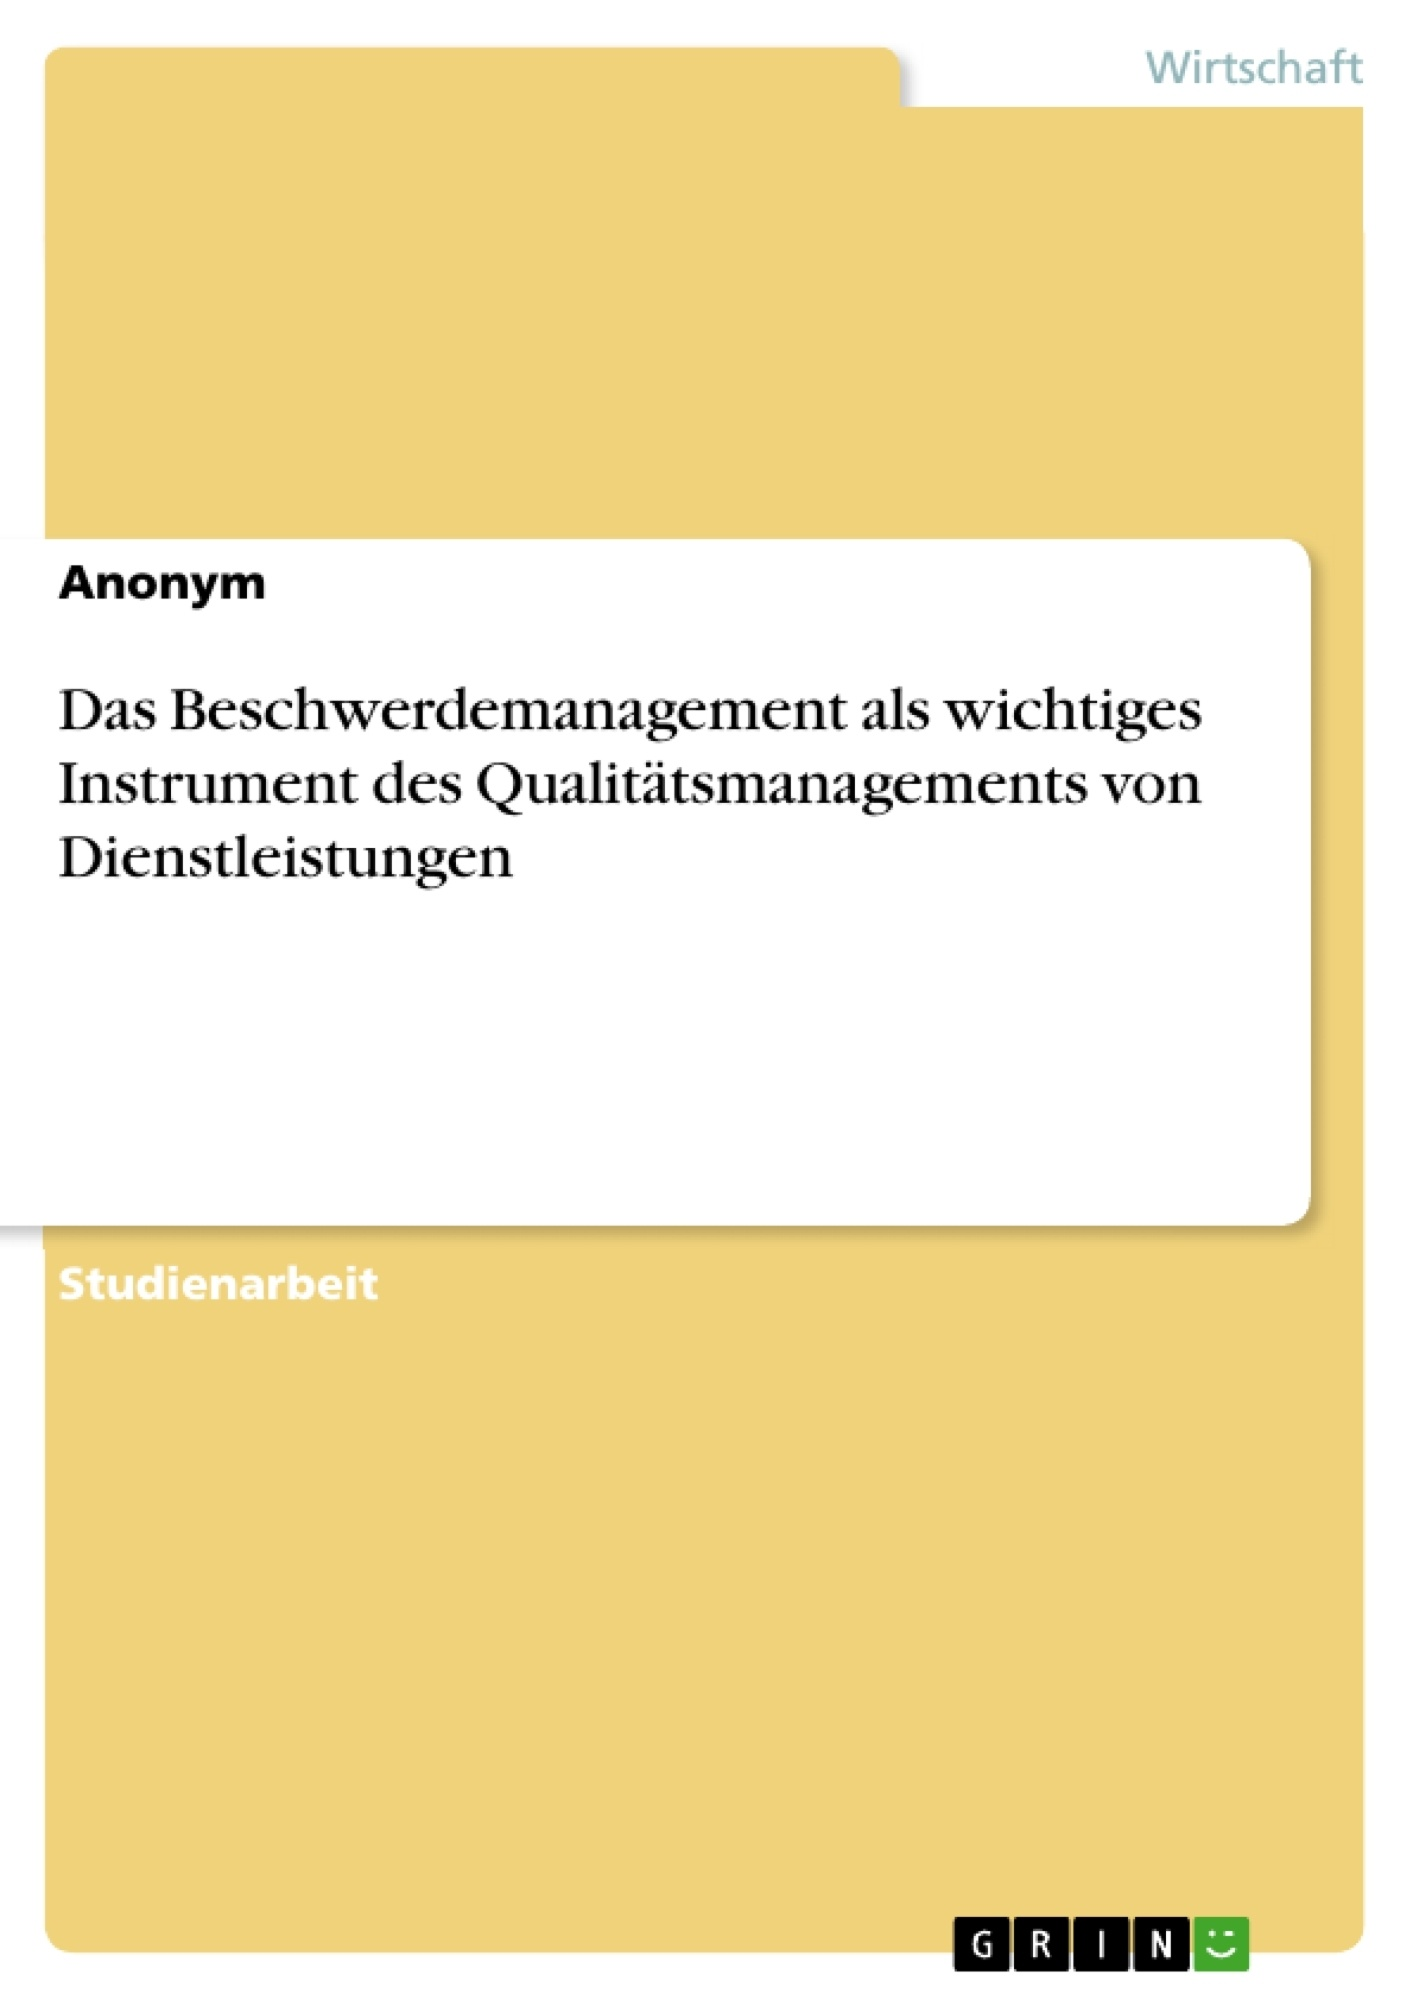 Titel: Das Beschwerdemanagement als wichtiges Instrument des Qualitätsmanagements von Dienstleistungen